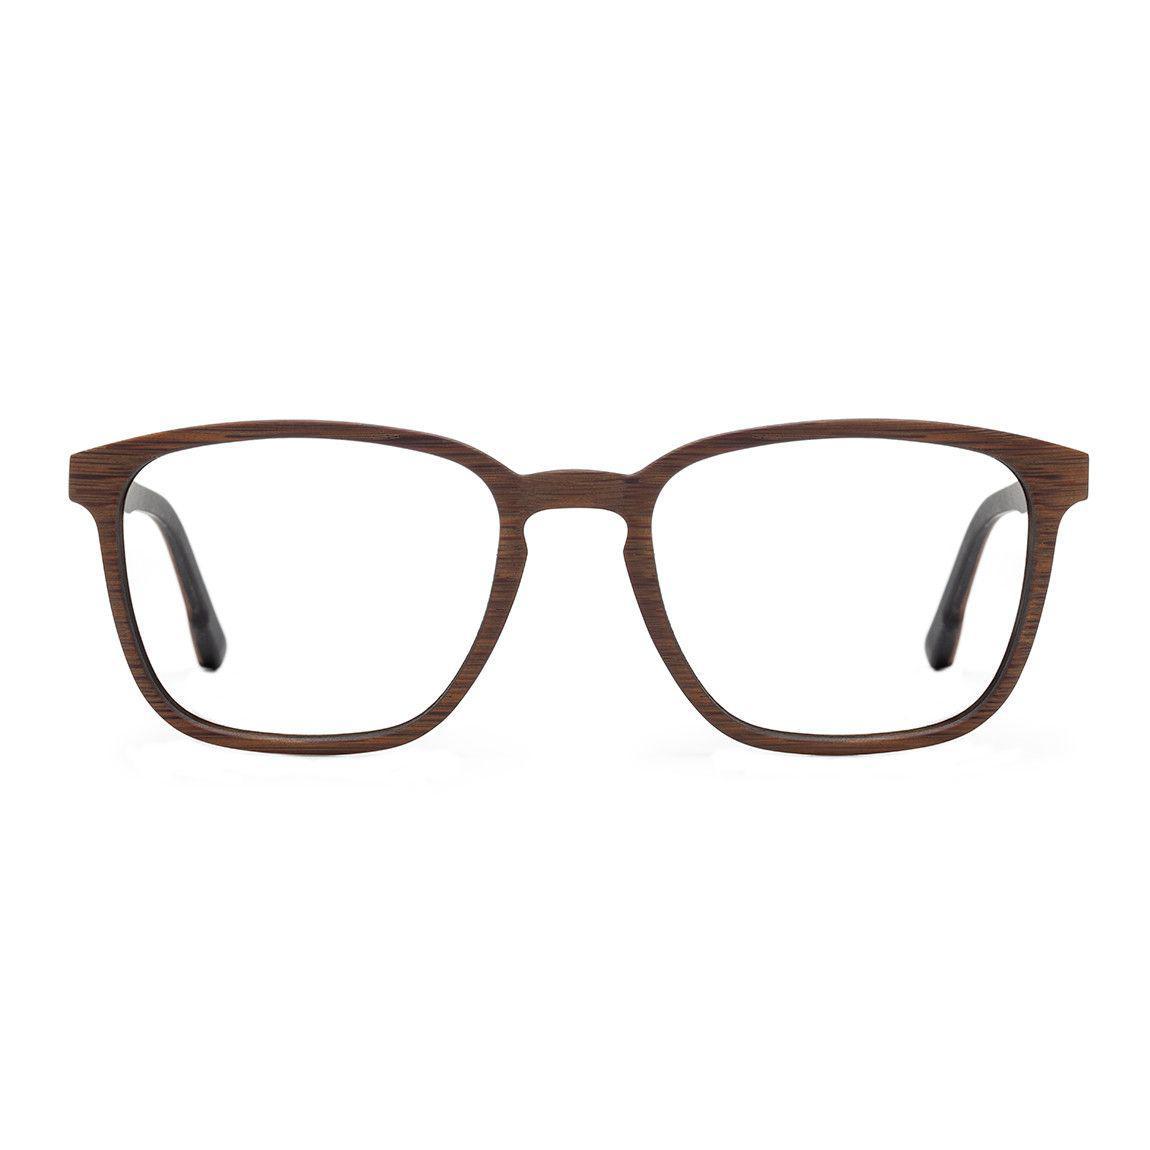 06c66ba5fb6a4 Óculos de Grau Mormaii Osaka Wood Unissex M6065J6853 - Acetato Marrom Madeira  R  329,00 à vista. Adicionar à sacola